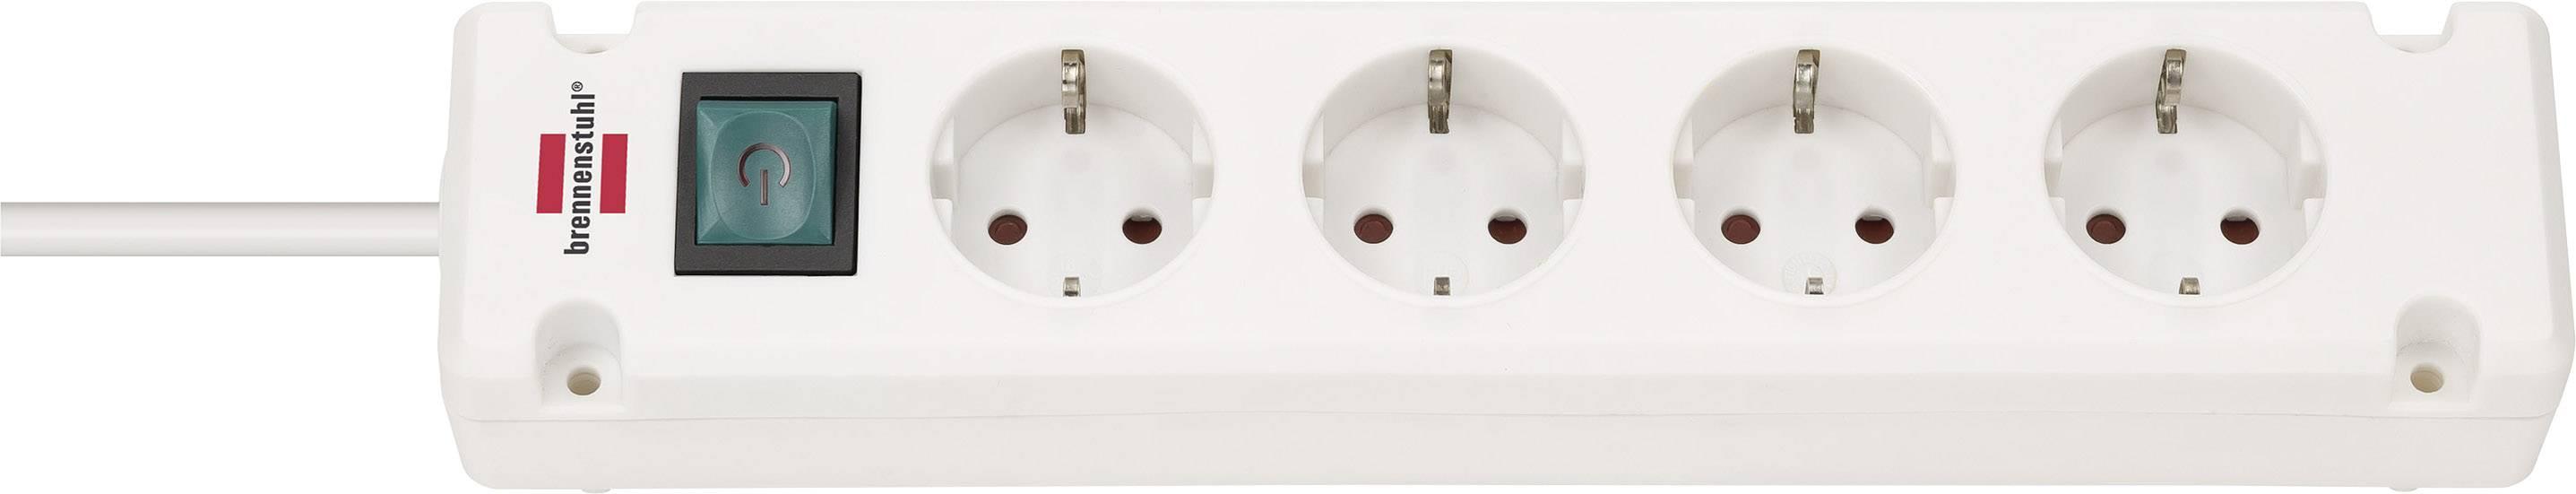 7 Steckdosen weiß Brennenstuhl Steckdosenleiste mit Schalter 1,4 m